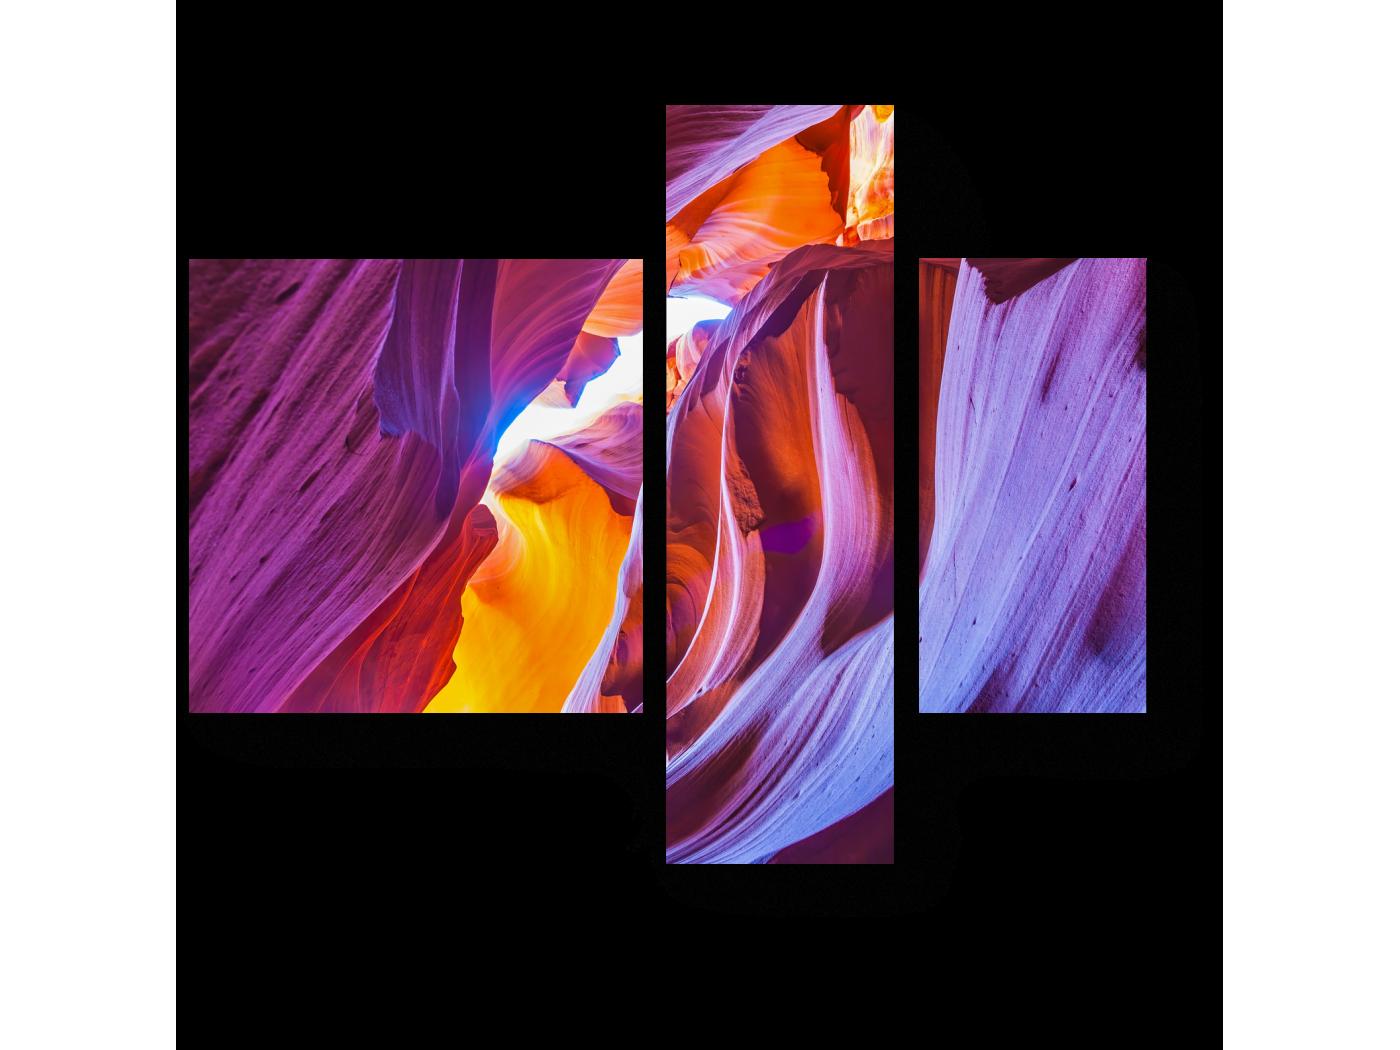 Модульная картина В сердце каньона (80x66) фото